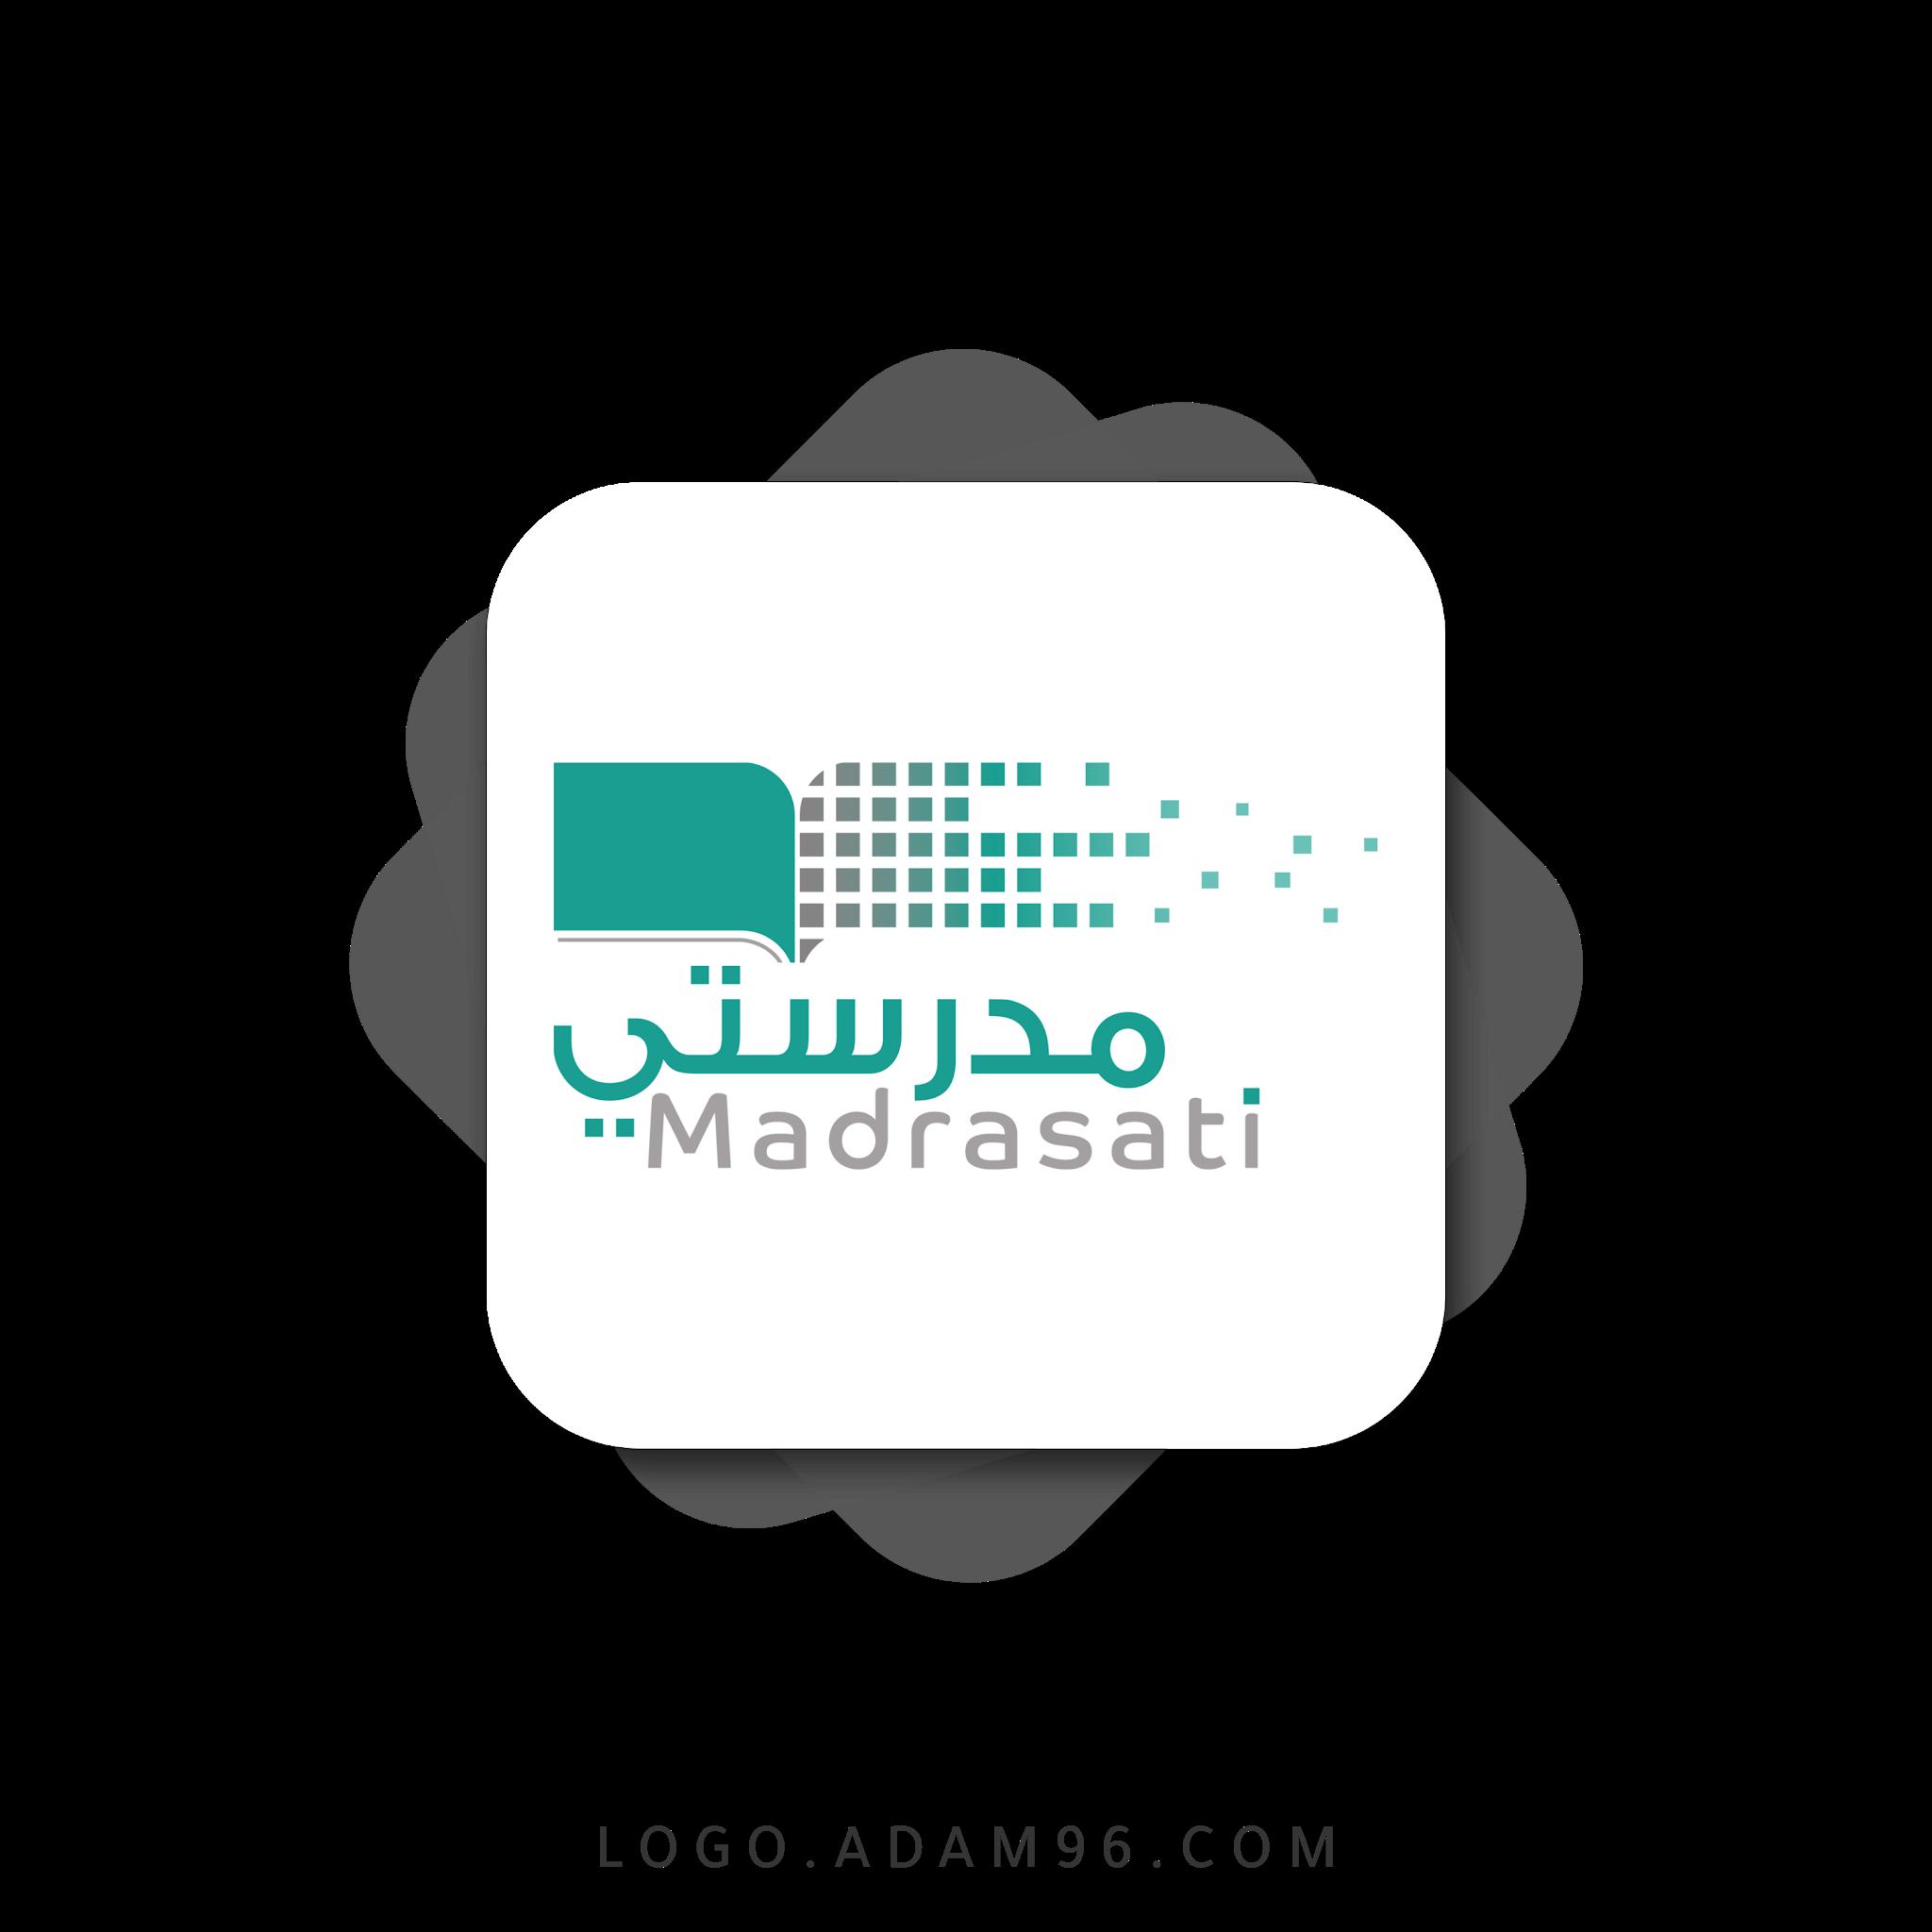 تحميل شعار منصة مدرستي لوجو عالي الدقة بصيغة شفافة PNG